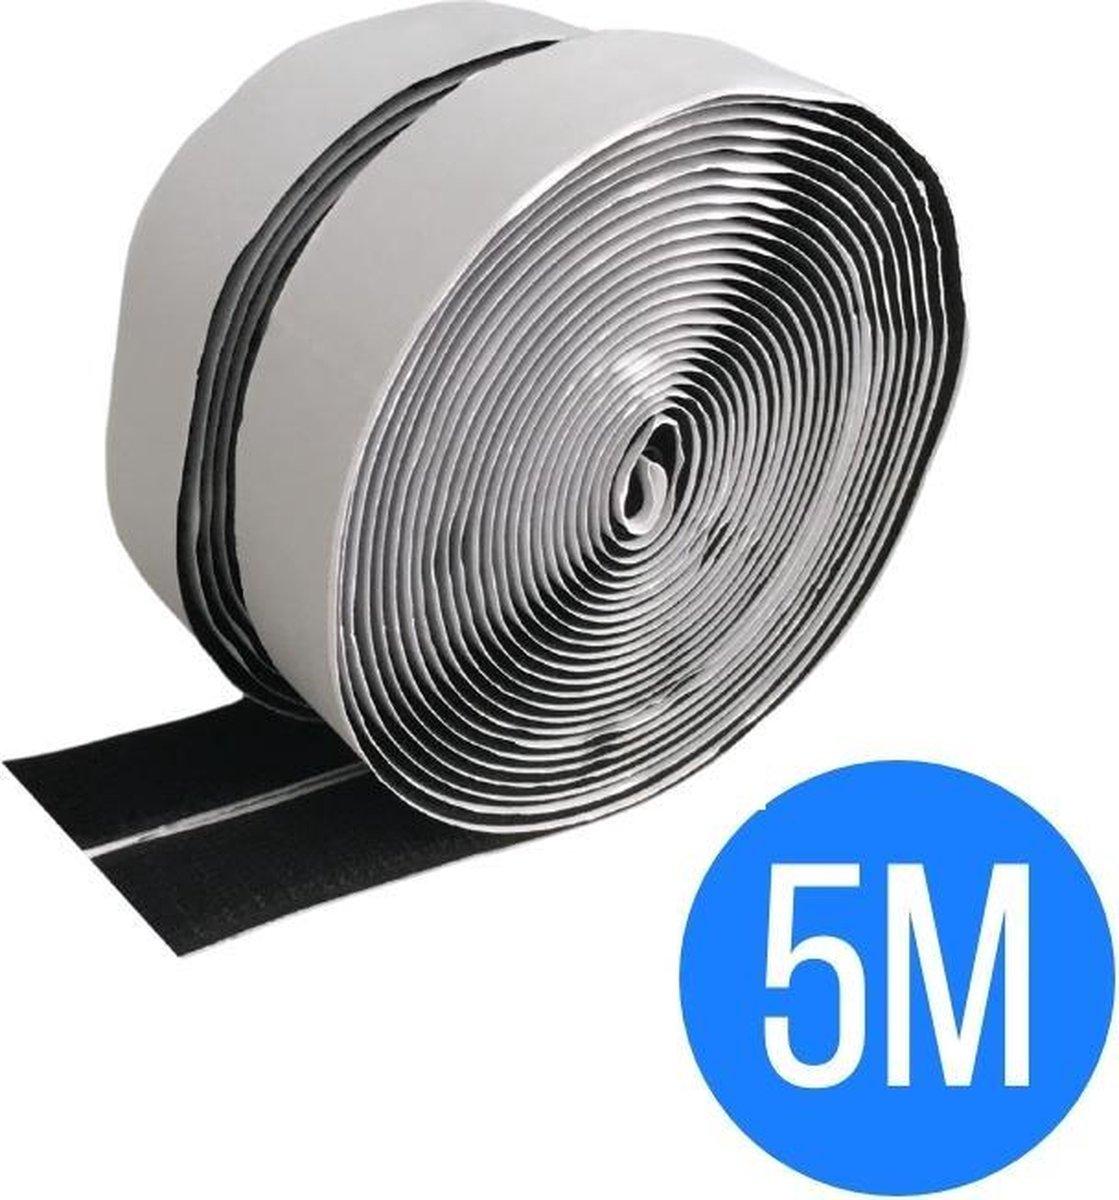 Klittenband zelfklevend zwart 5 meter - klittenband rol - zwart - ultra sterk